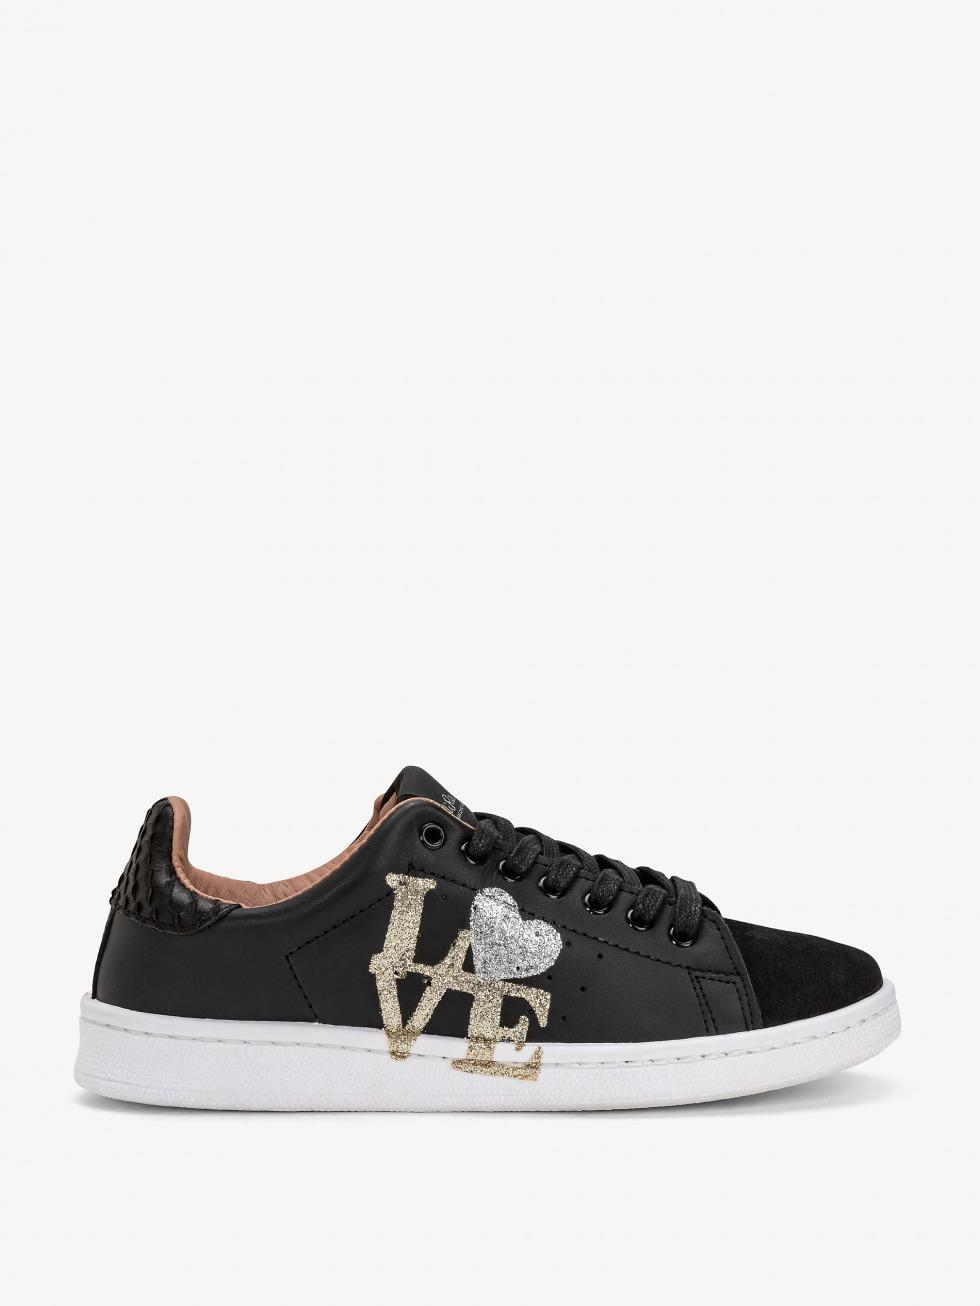 Daiquiri Boa Black Sneakers - Glitter Love